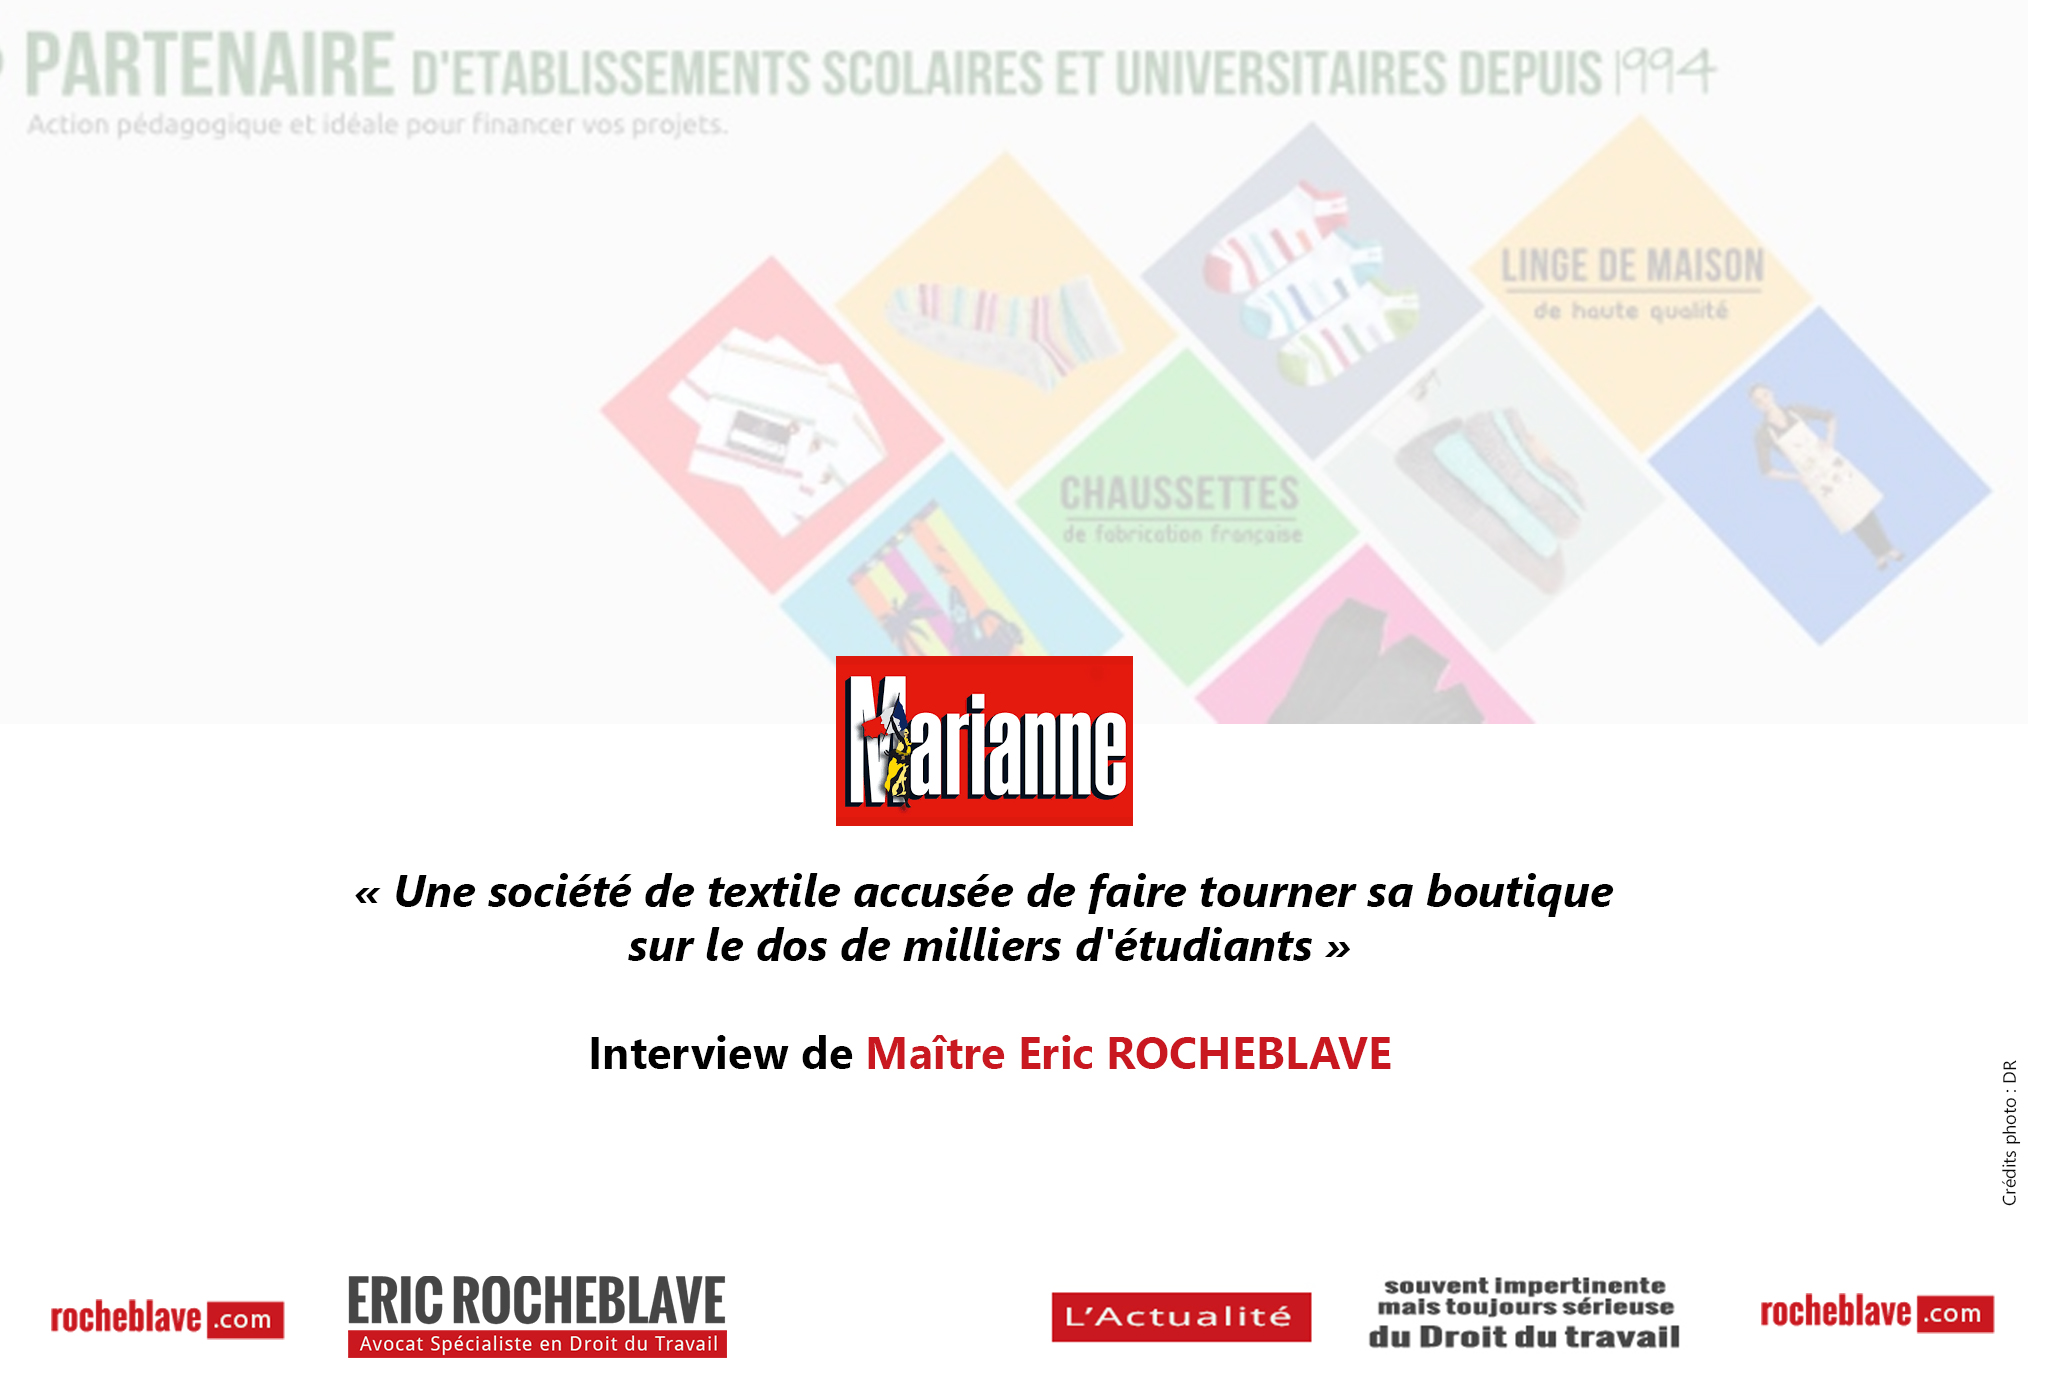 « Une société de textile accusée de faire tourner sa boutique sur le dos de milliers d'étudiants » Interview de Maître Eric ROCHEBLAVE | Marianne